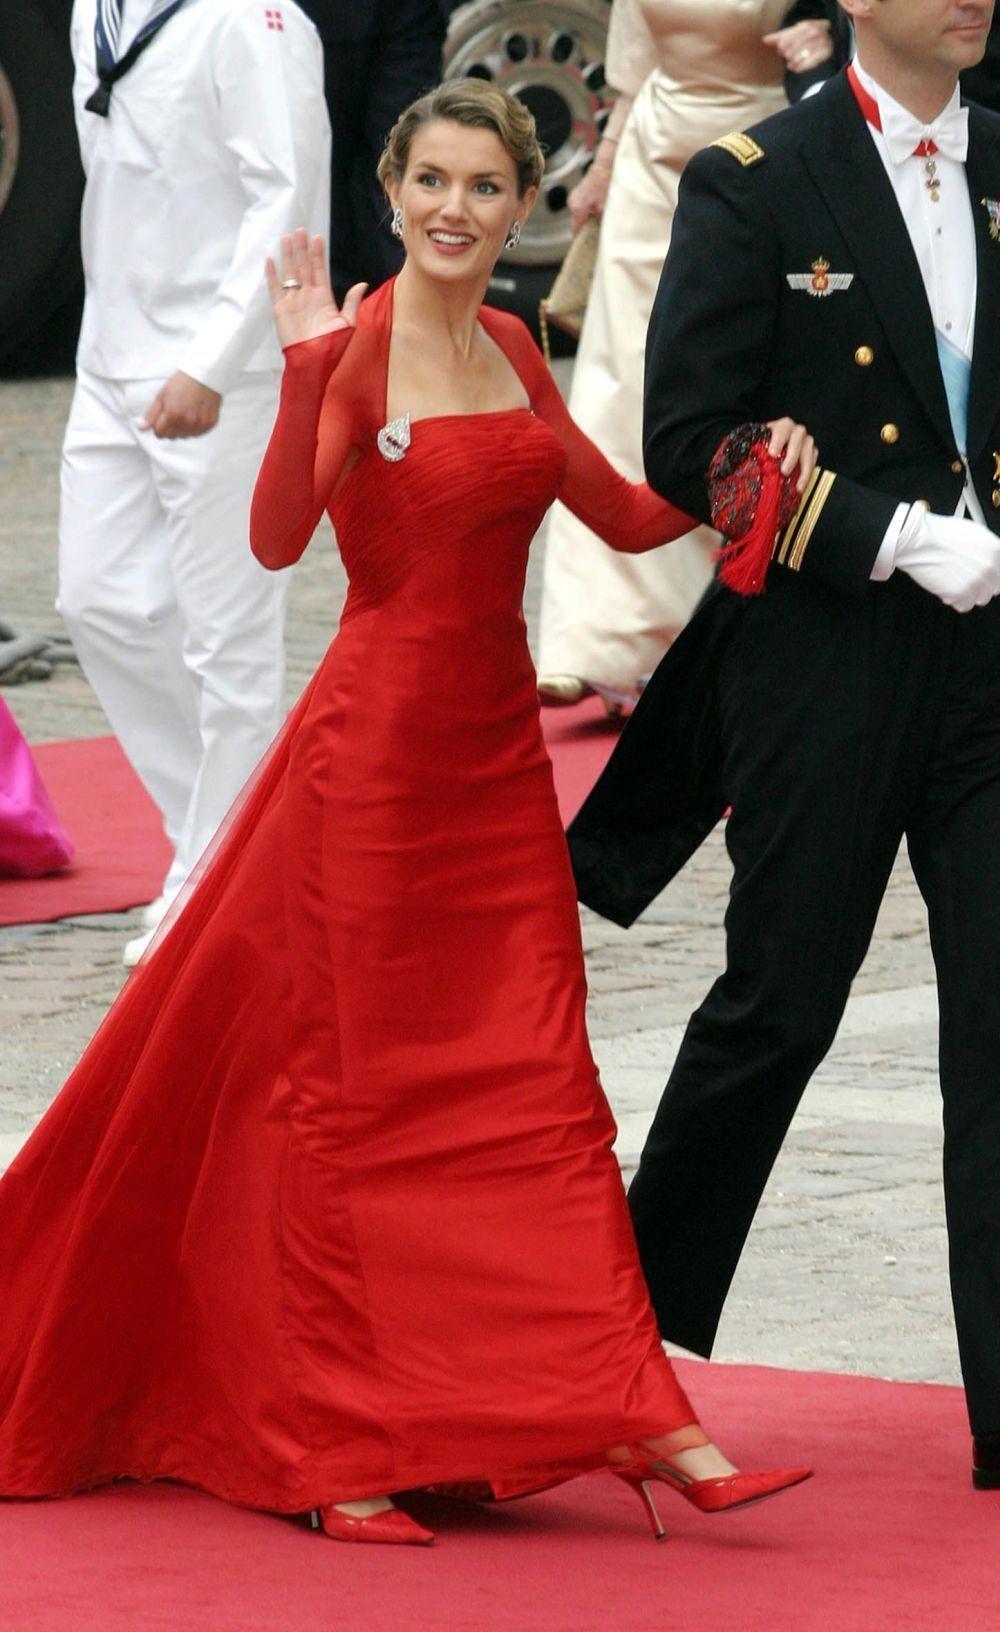 Te puede interesar: Así ha evolucionado el estilo de la reina Letizia